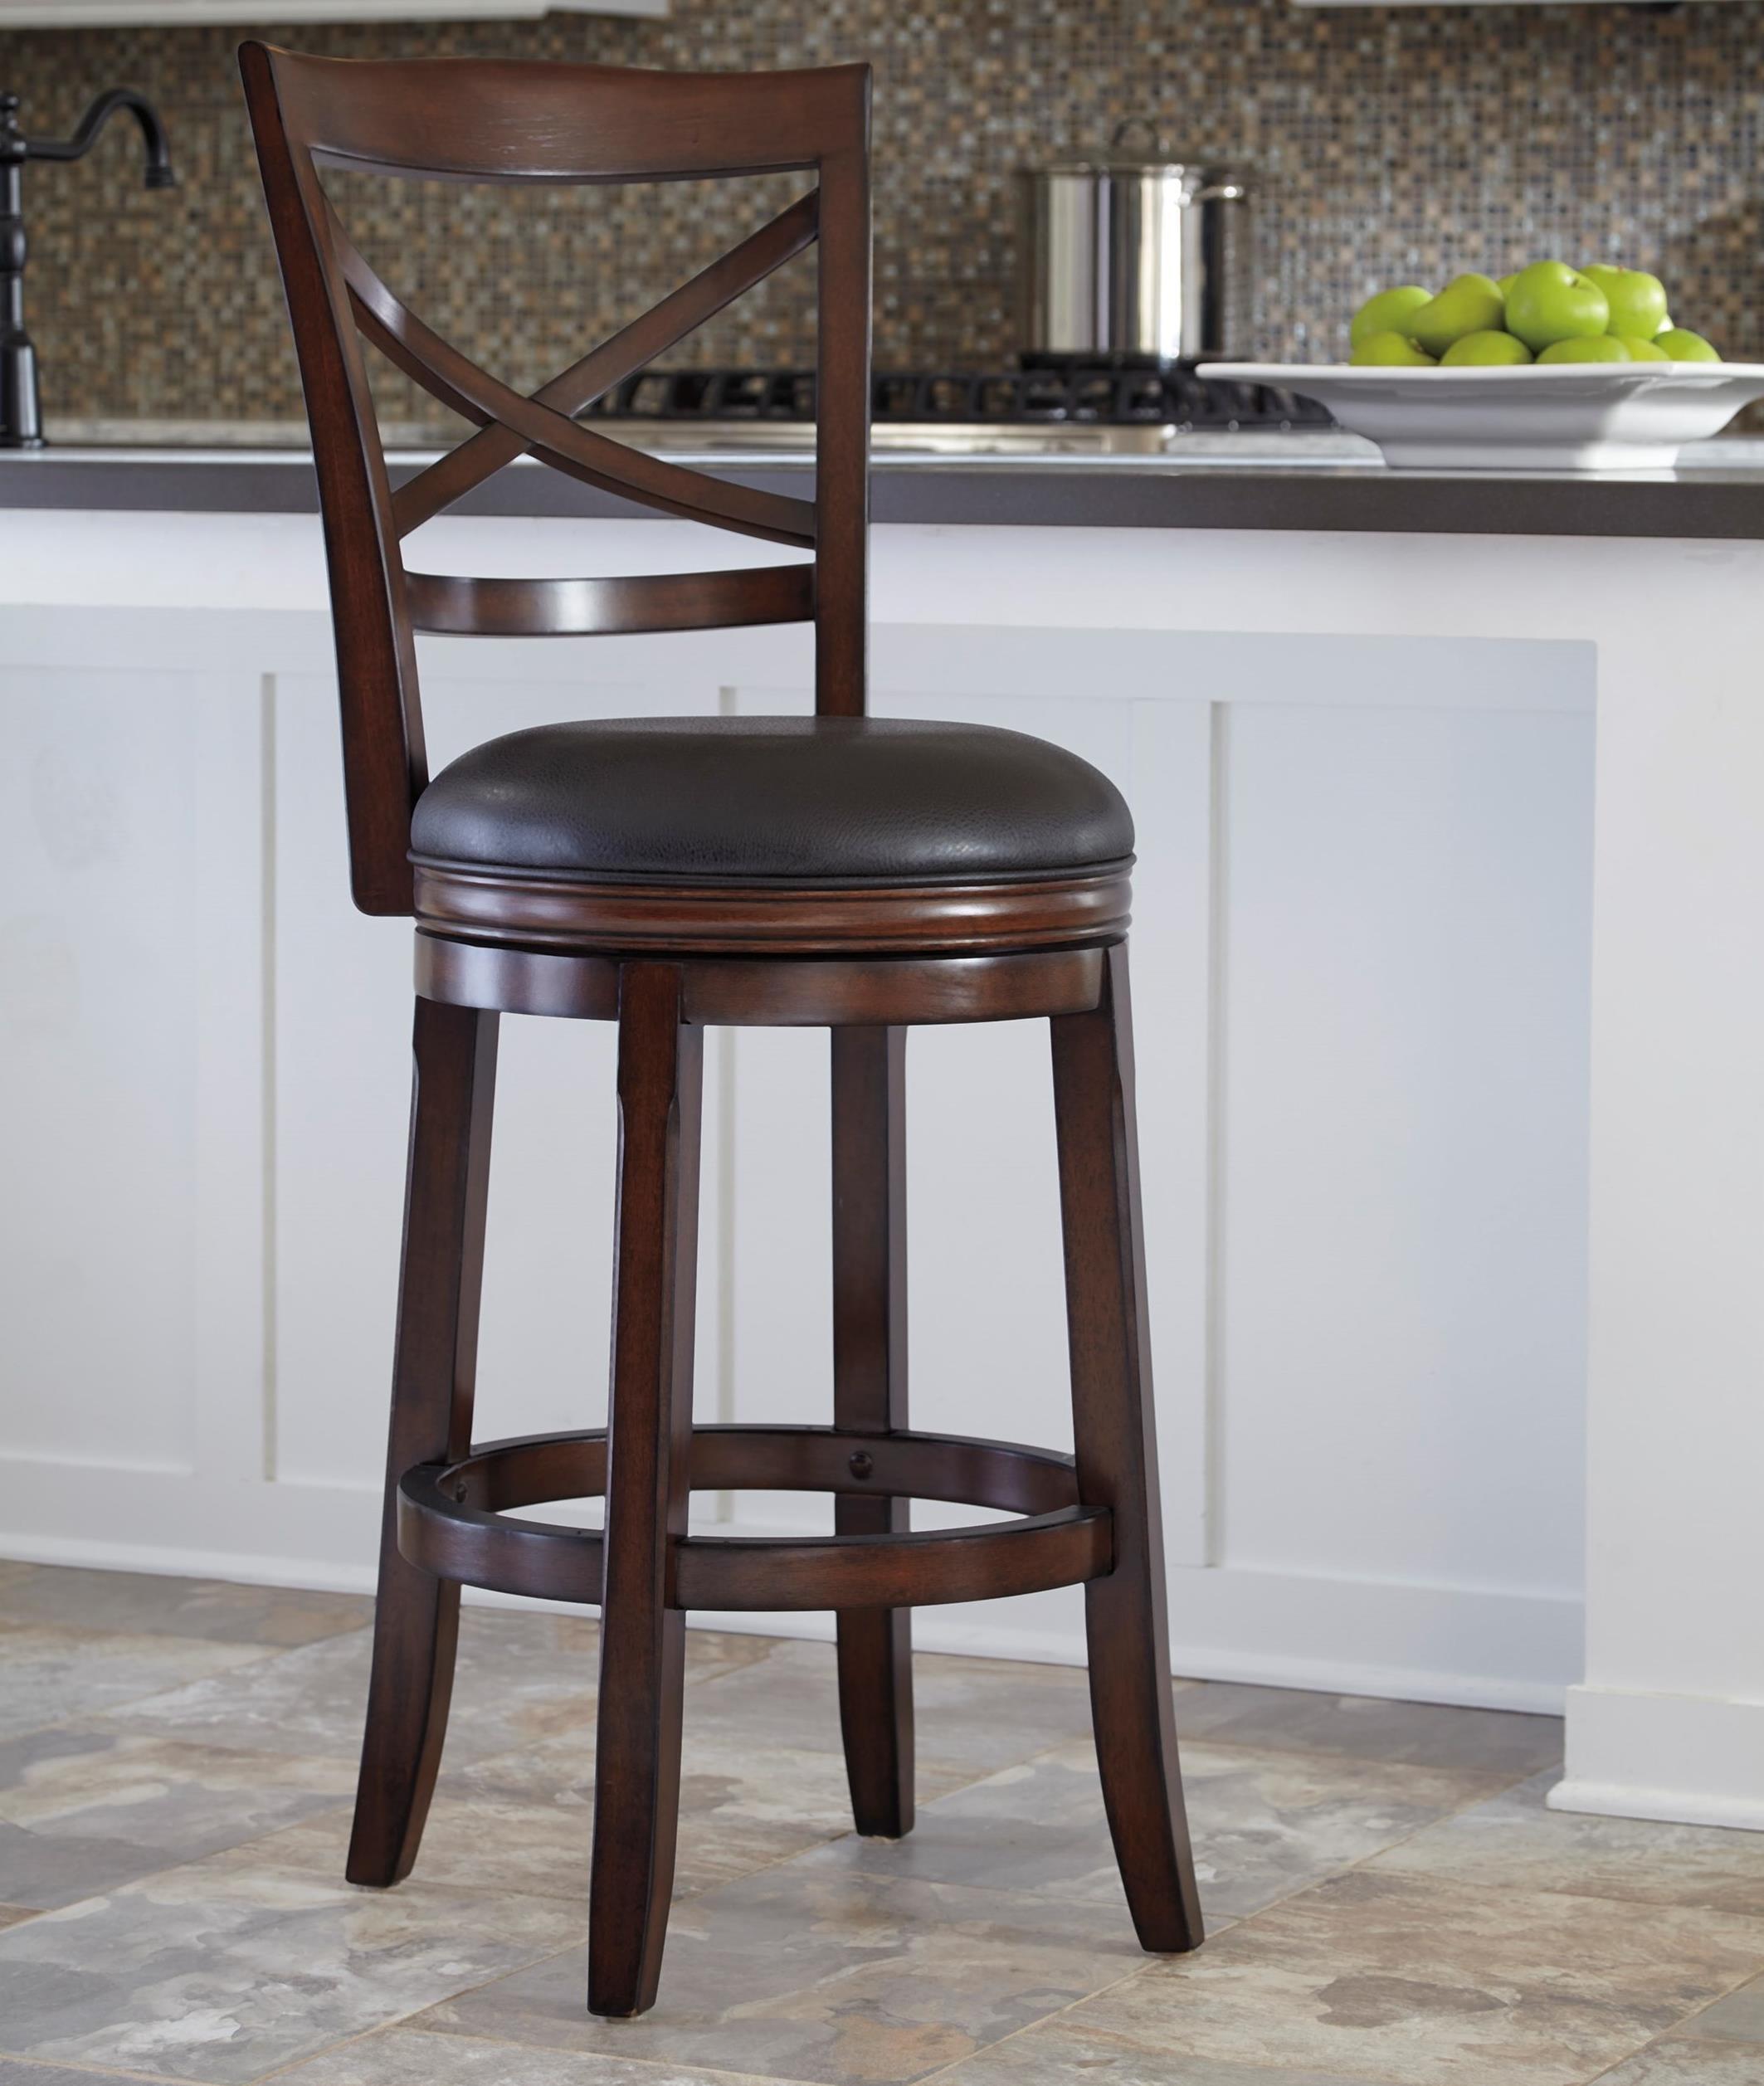 Ashley Furniture Porter Bar Height X-Back Tall Upholstered Swivel Barstool  sc 1 st  Wayside Furniture & Ashley Furniture Porter Bar Height X-Back Tall Upholstered Swivel ... islam-shia.org